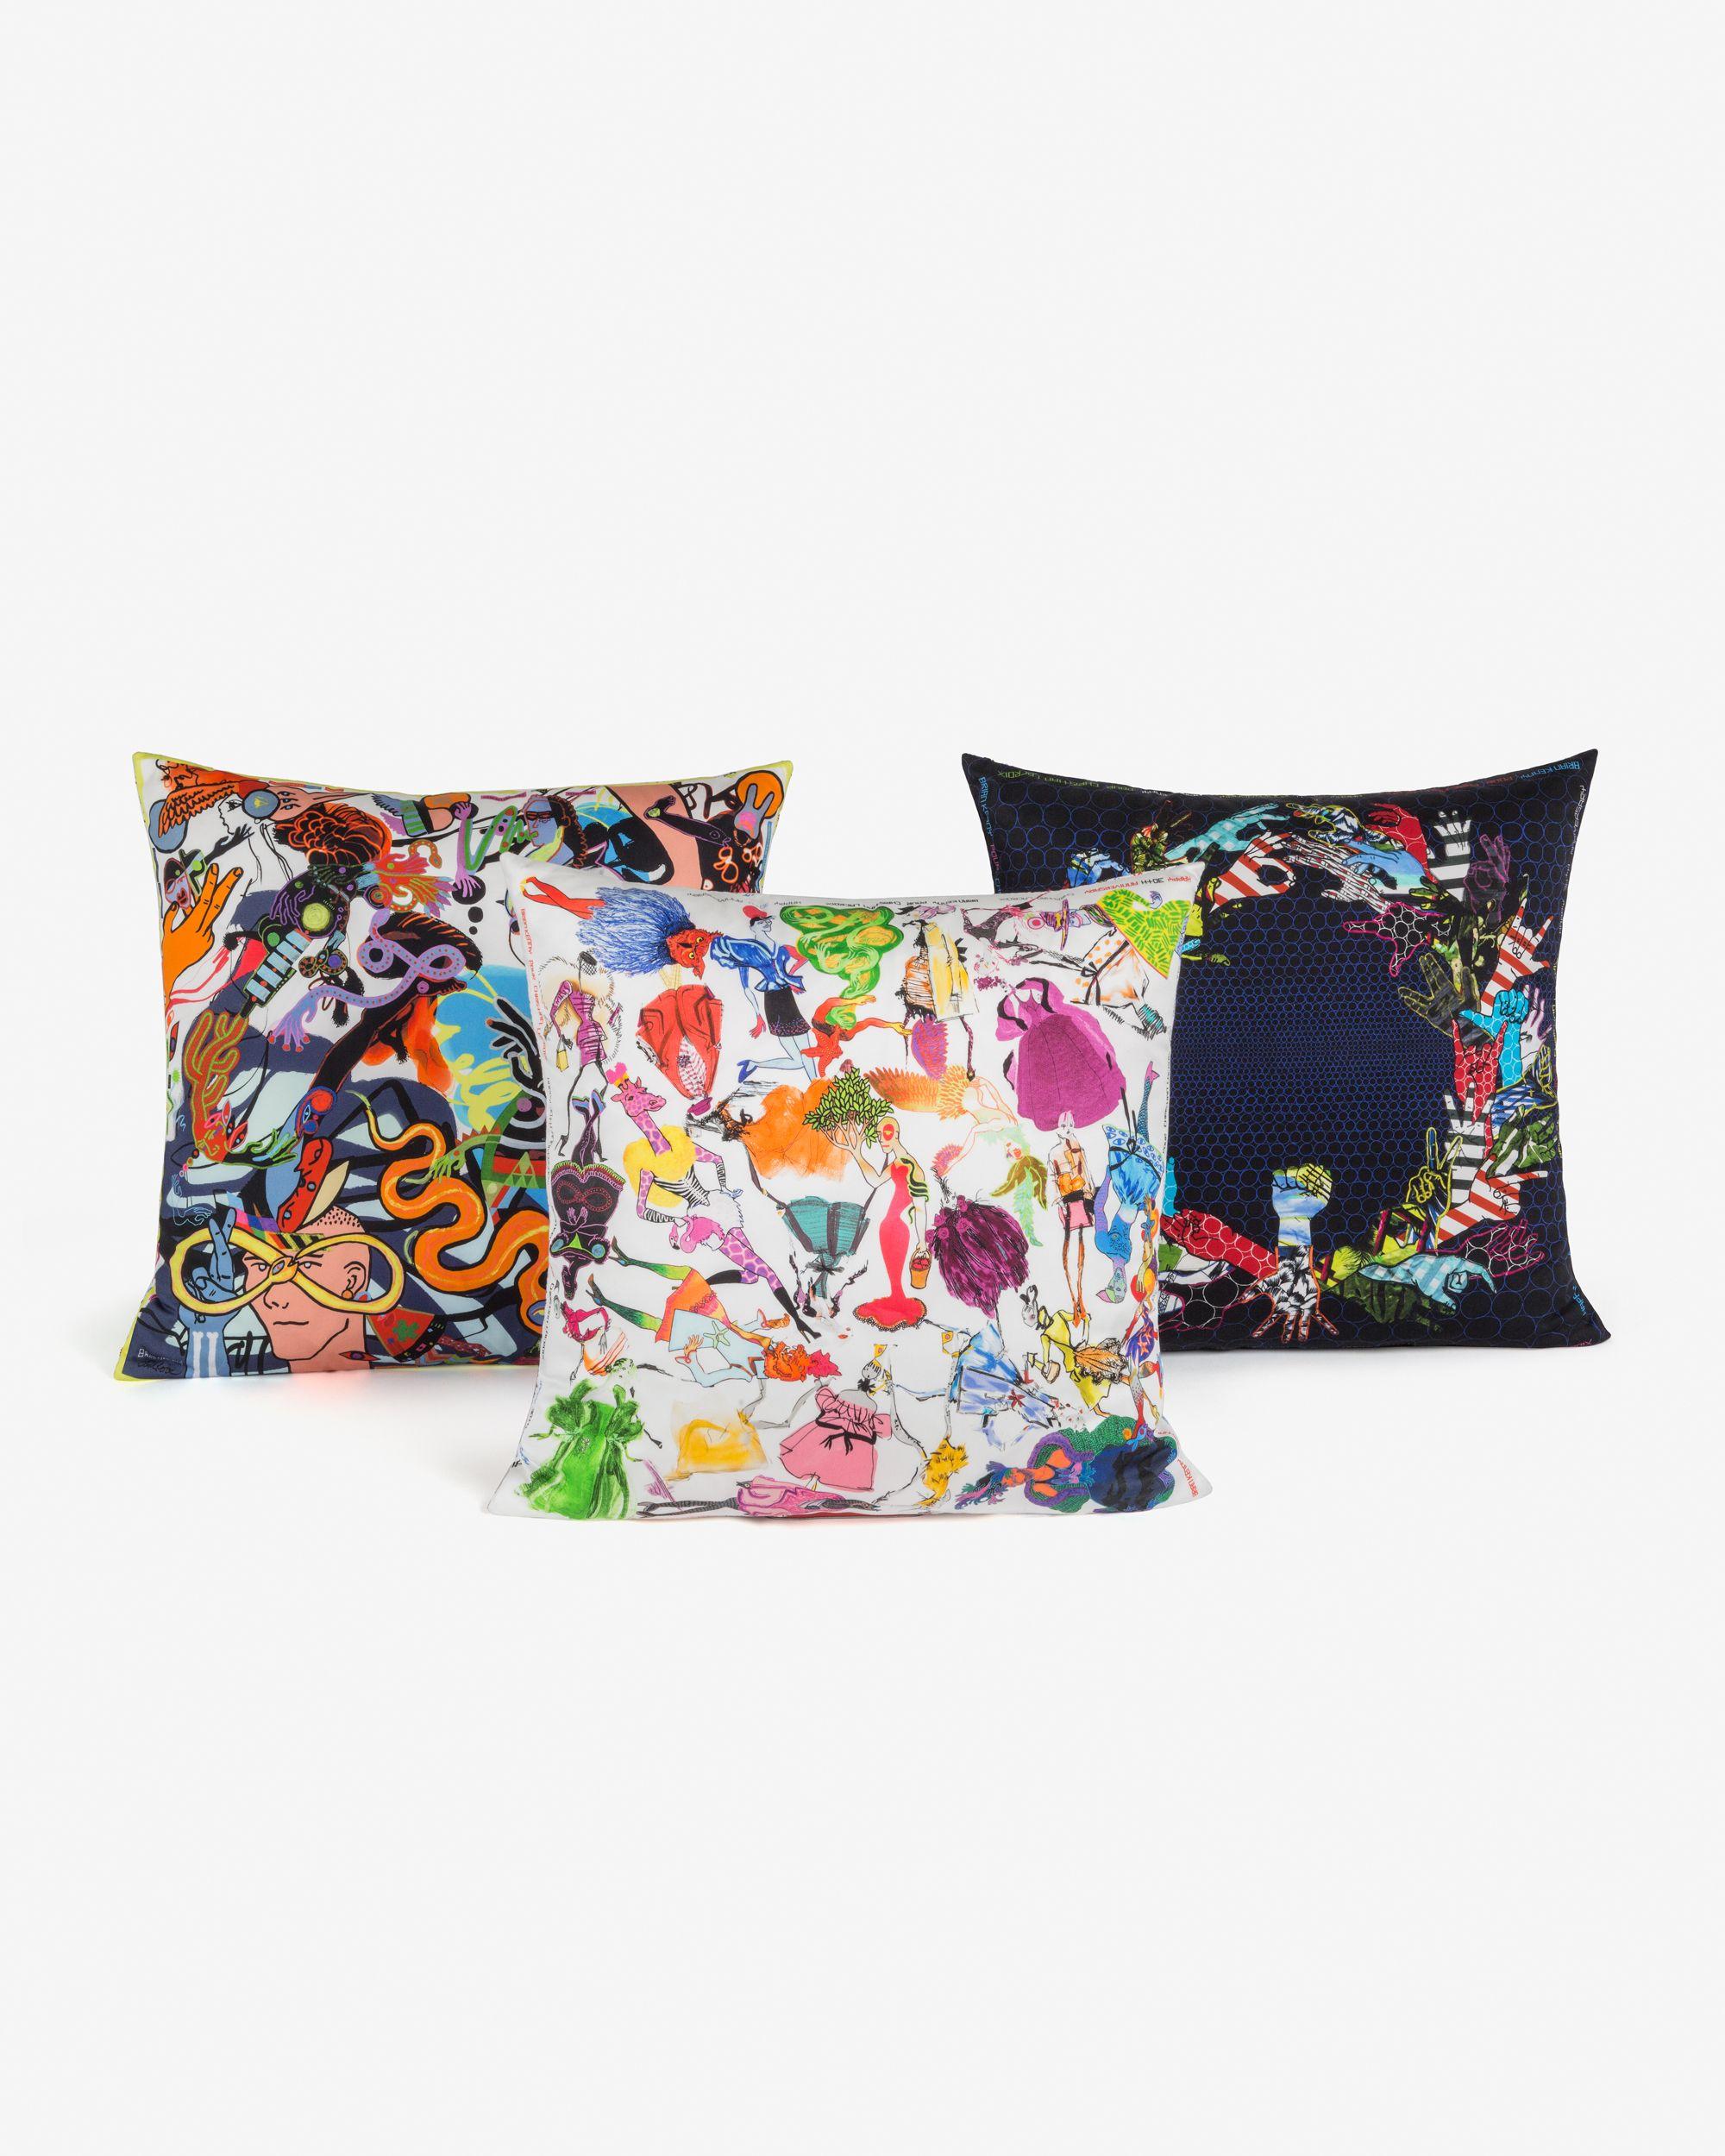 Lacroix_30_ans_CL_x_BK_cushions_composition_5a04271d7d4c9.jpg